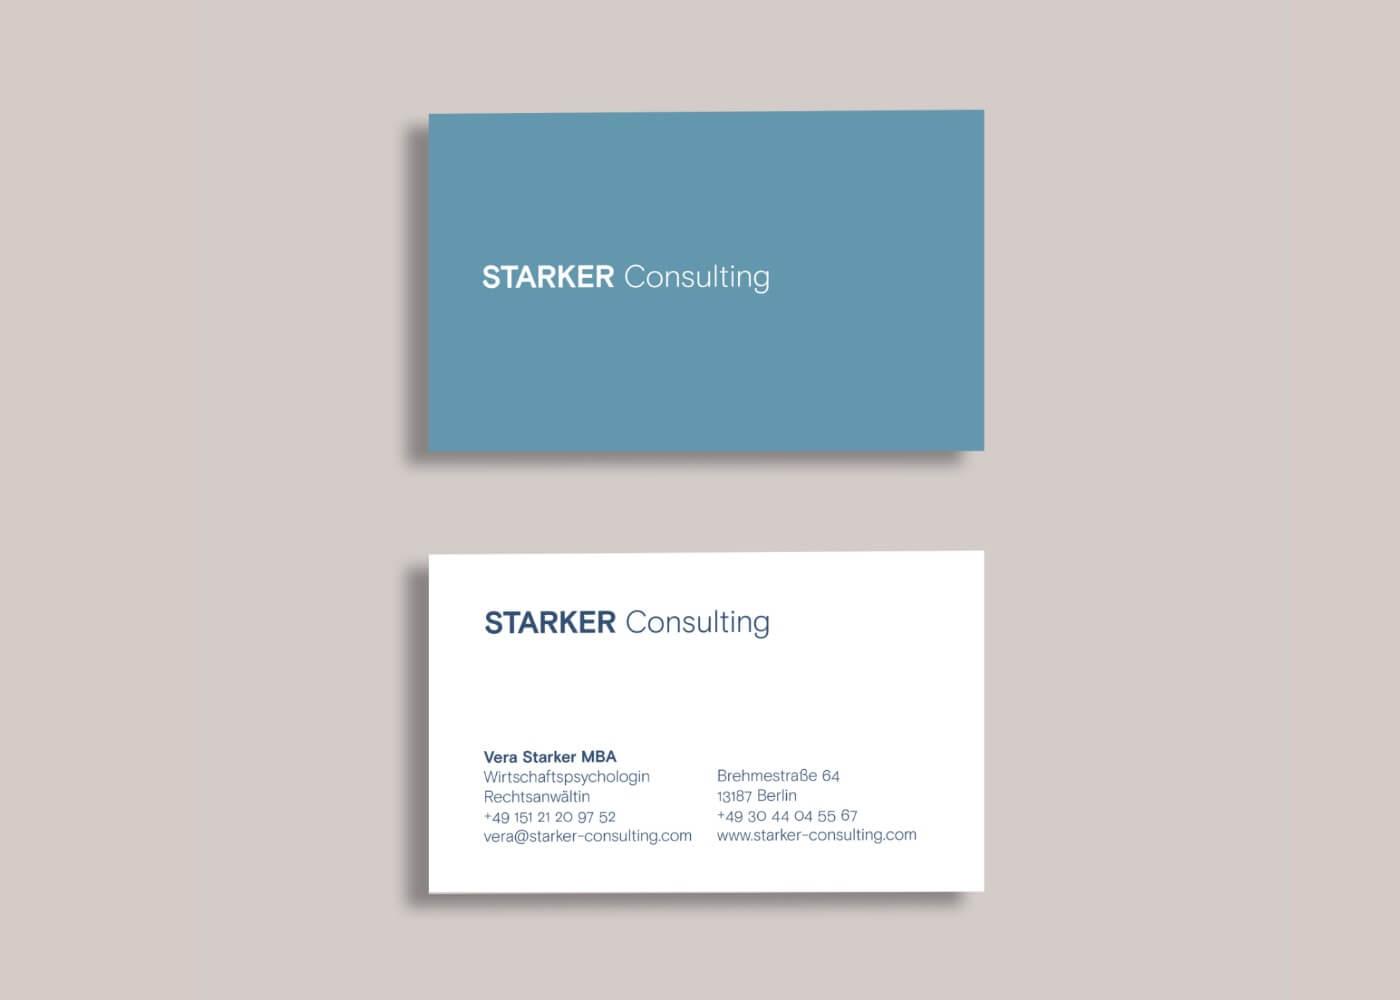 Visitenkarte STARKER Consulting